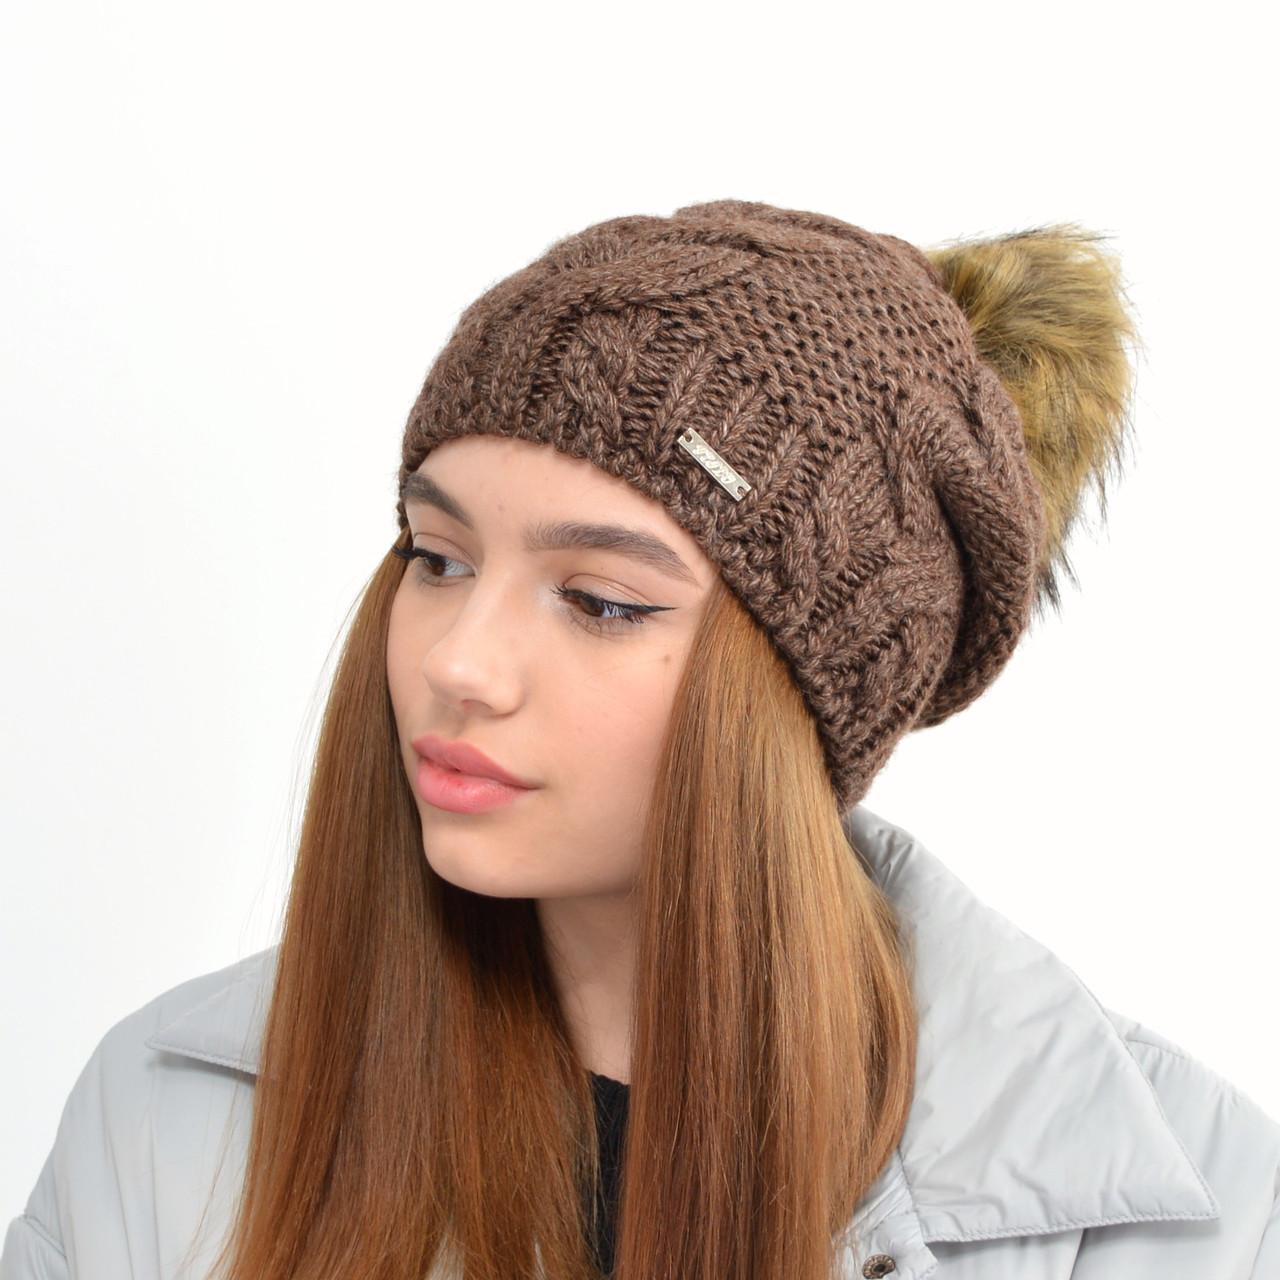 Женская шапка на флисе 3330 коричневый